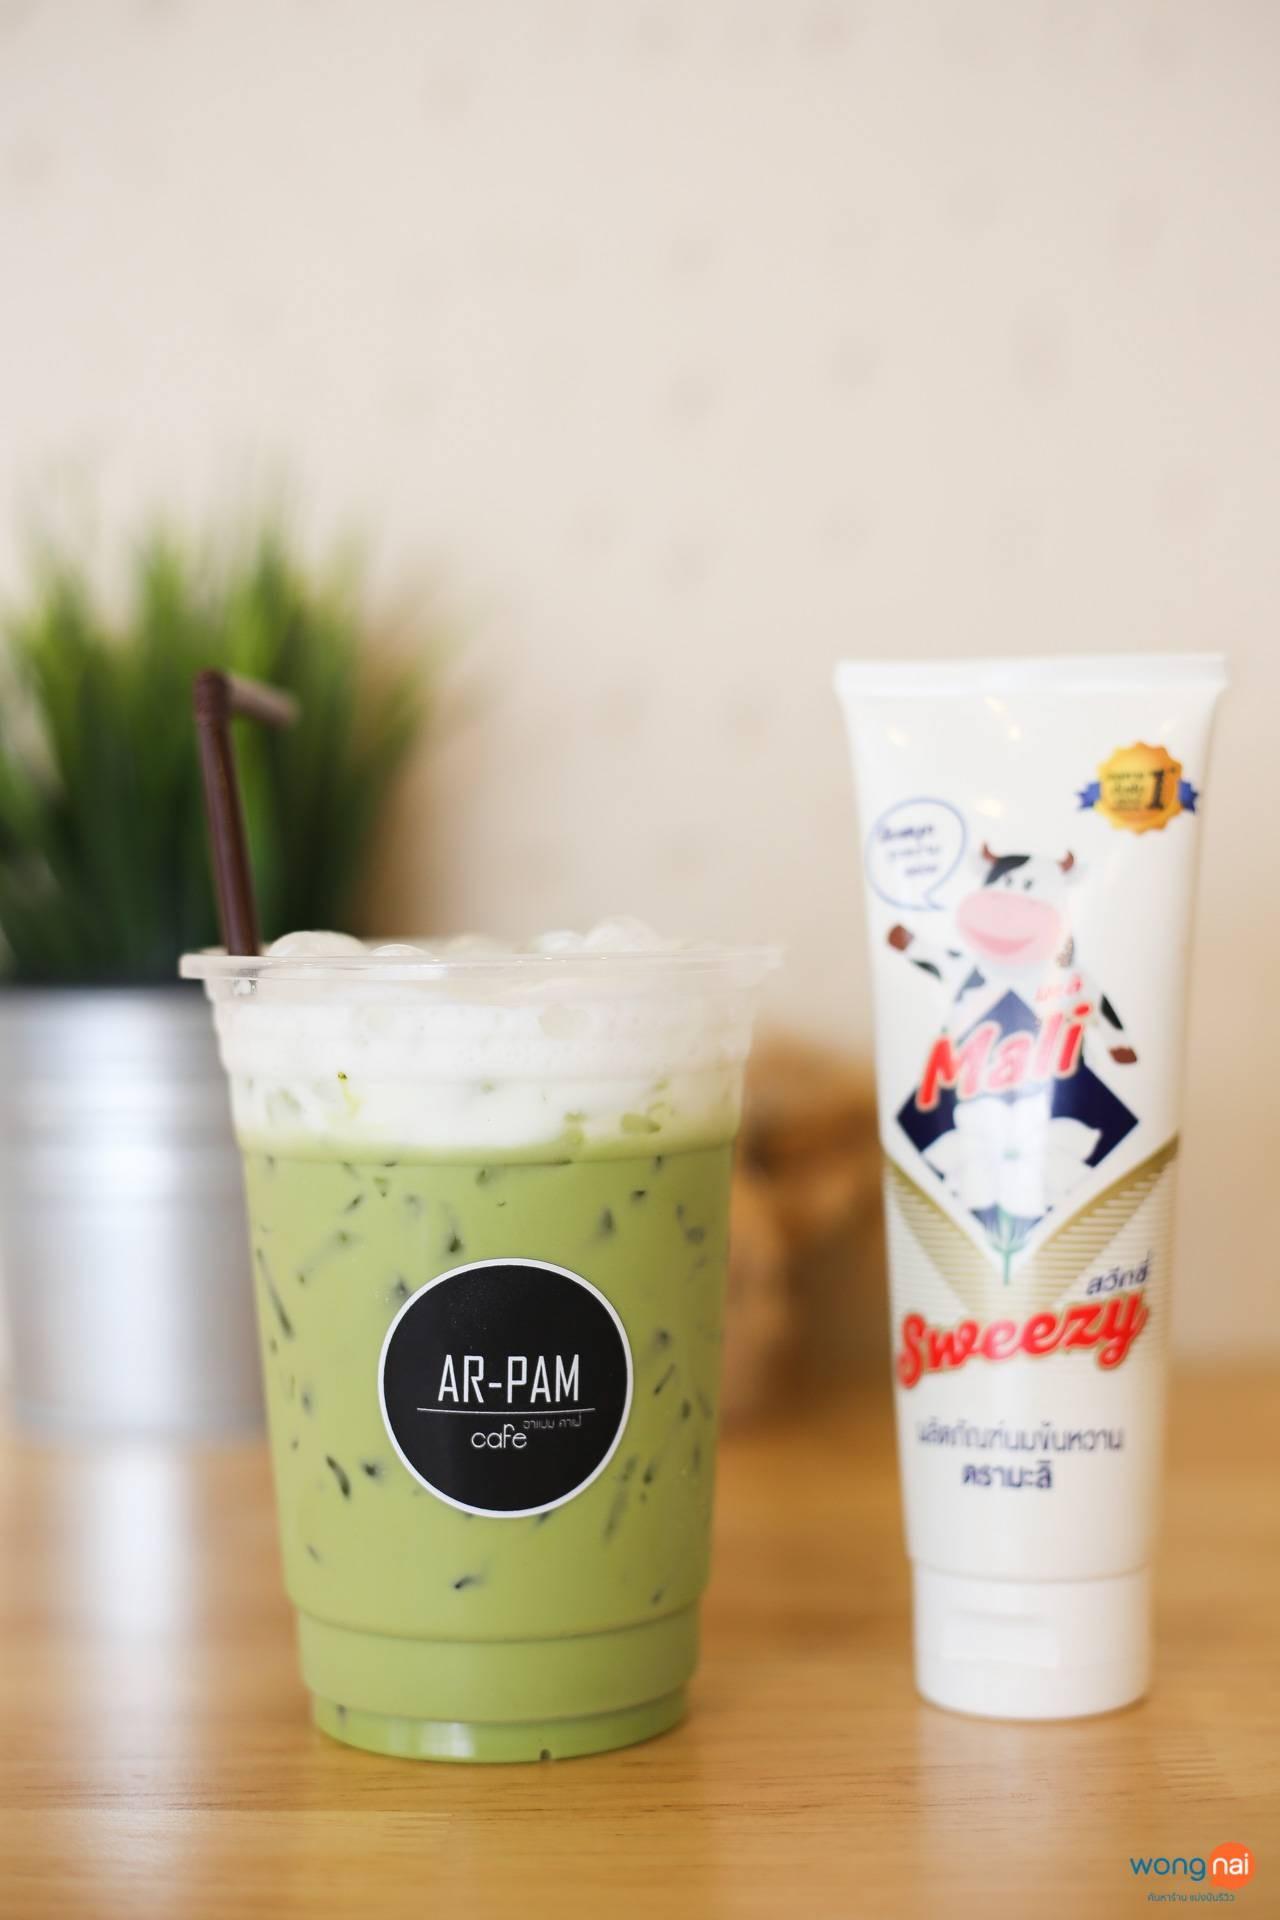 ร้านอาหาร Ar-Pam Cafe'